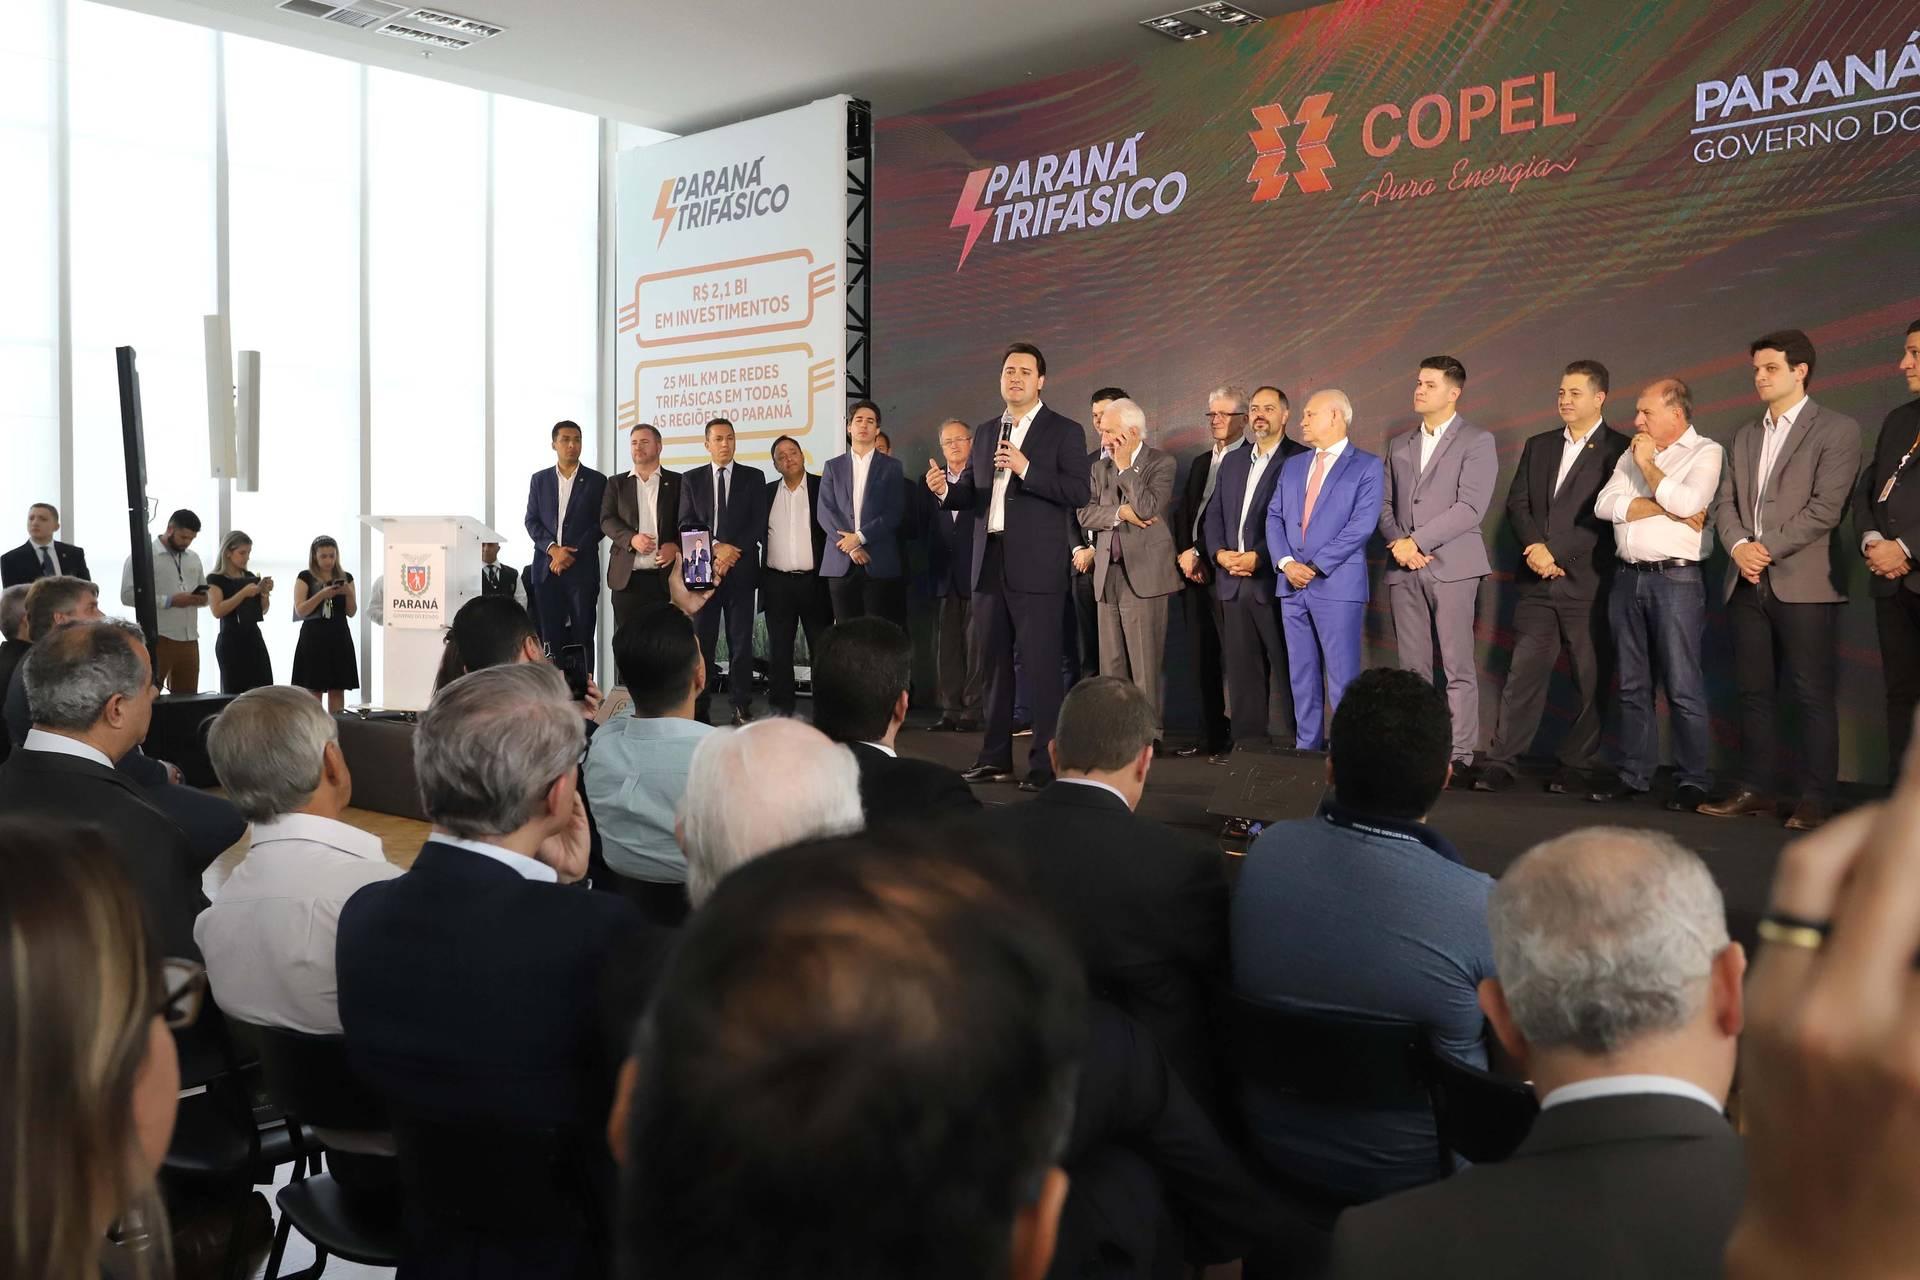 Bacil destaca investimento da Copel e presidente da empresa frisa foco em melhoria para o meio rural